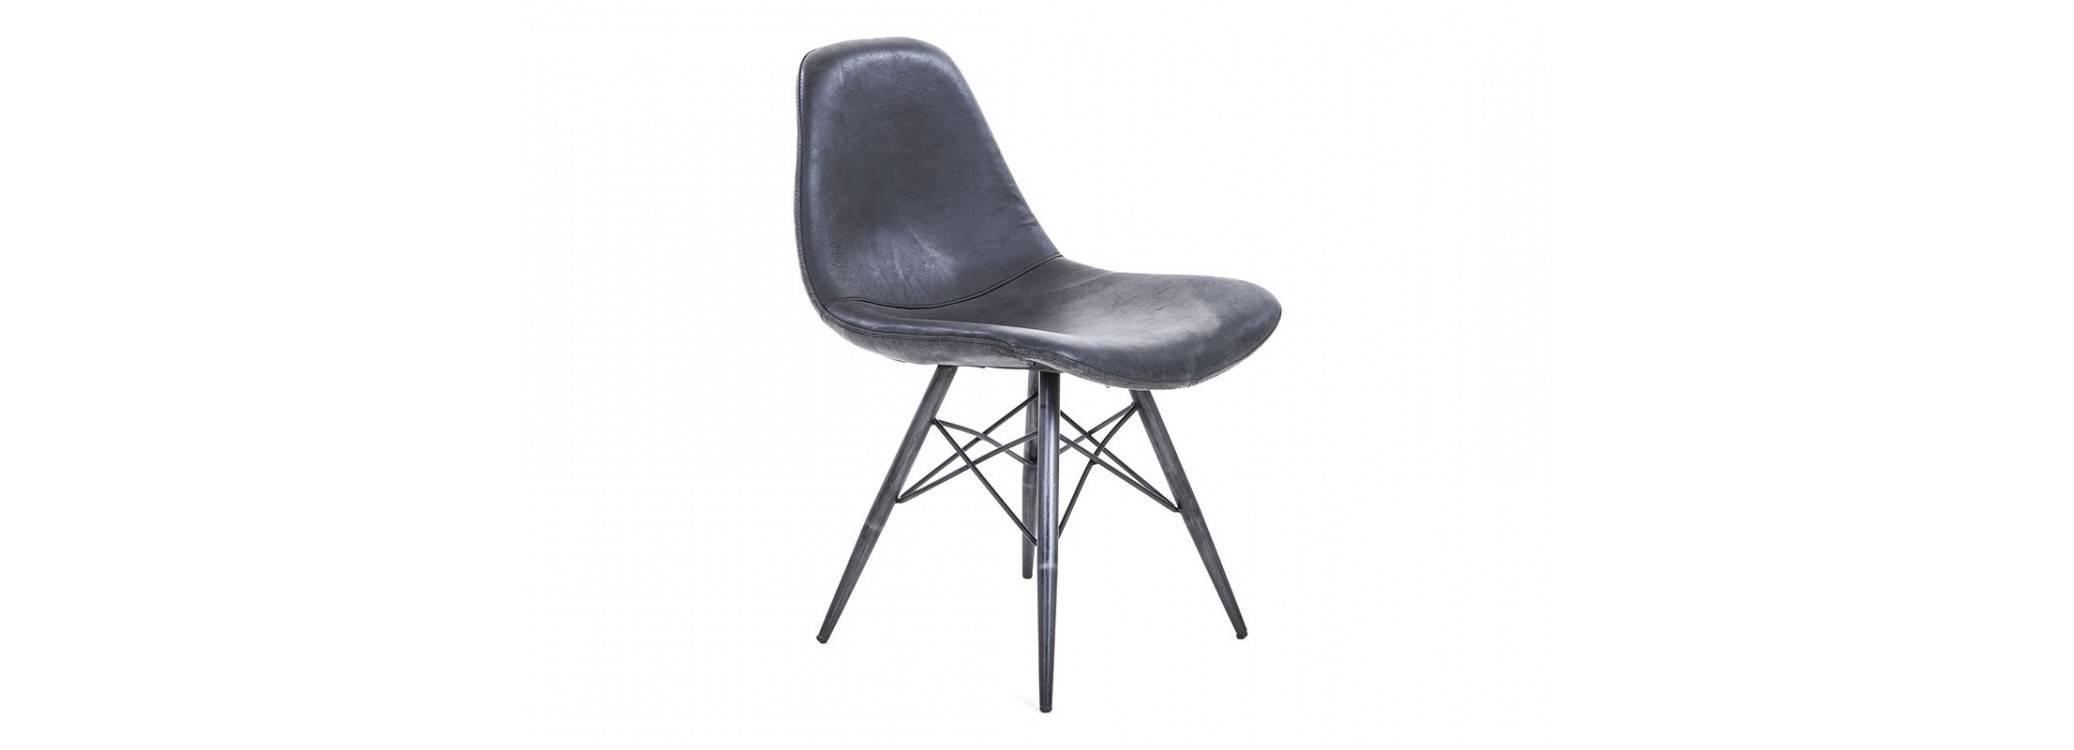 Chaise en cuir noir vintage - L49 cm